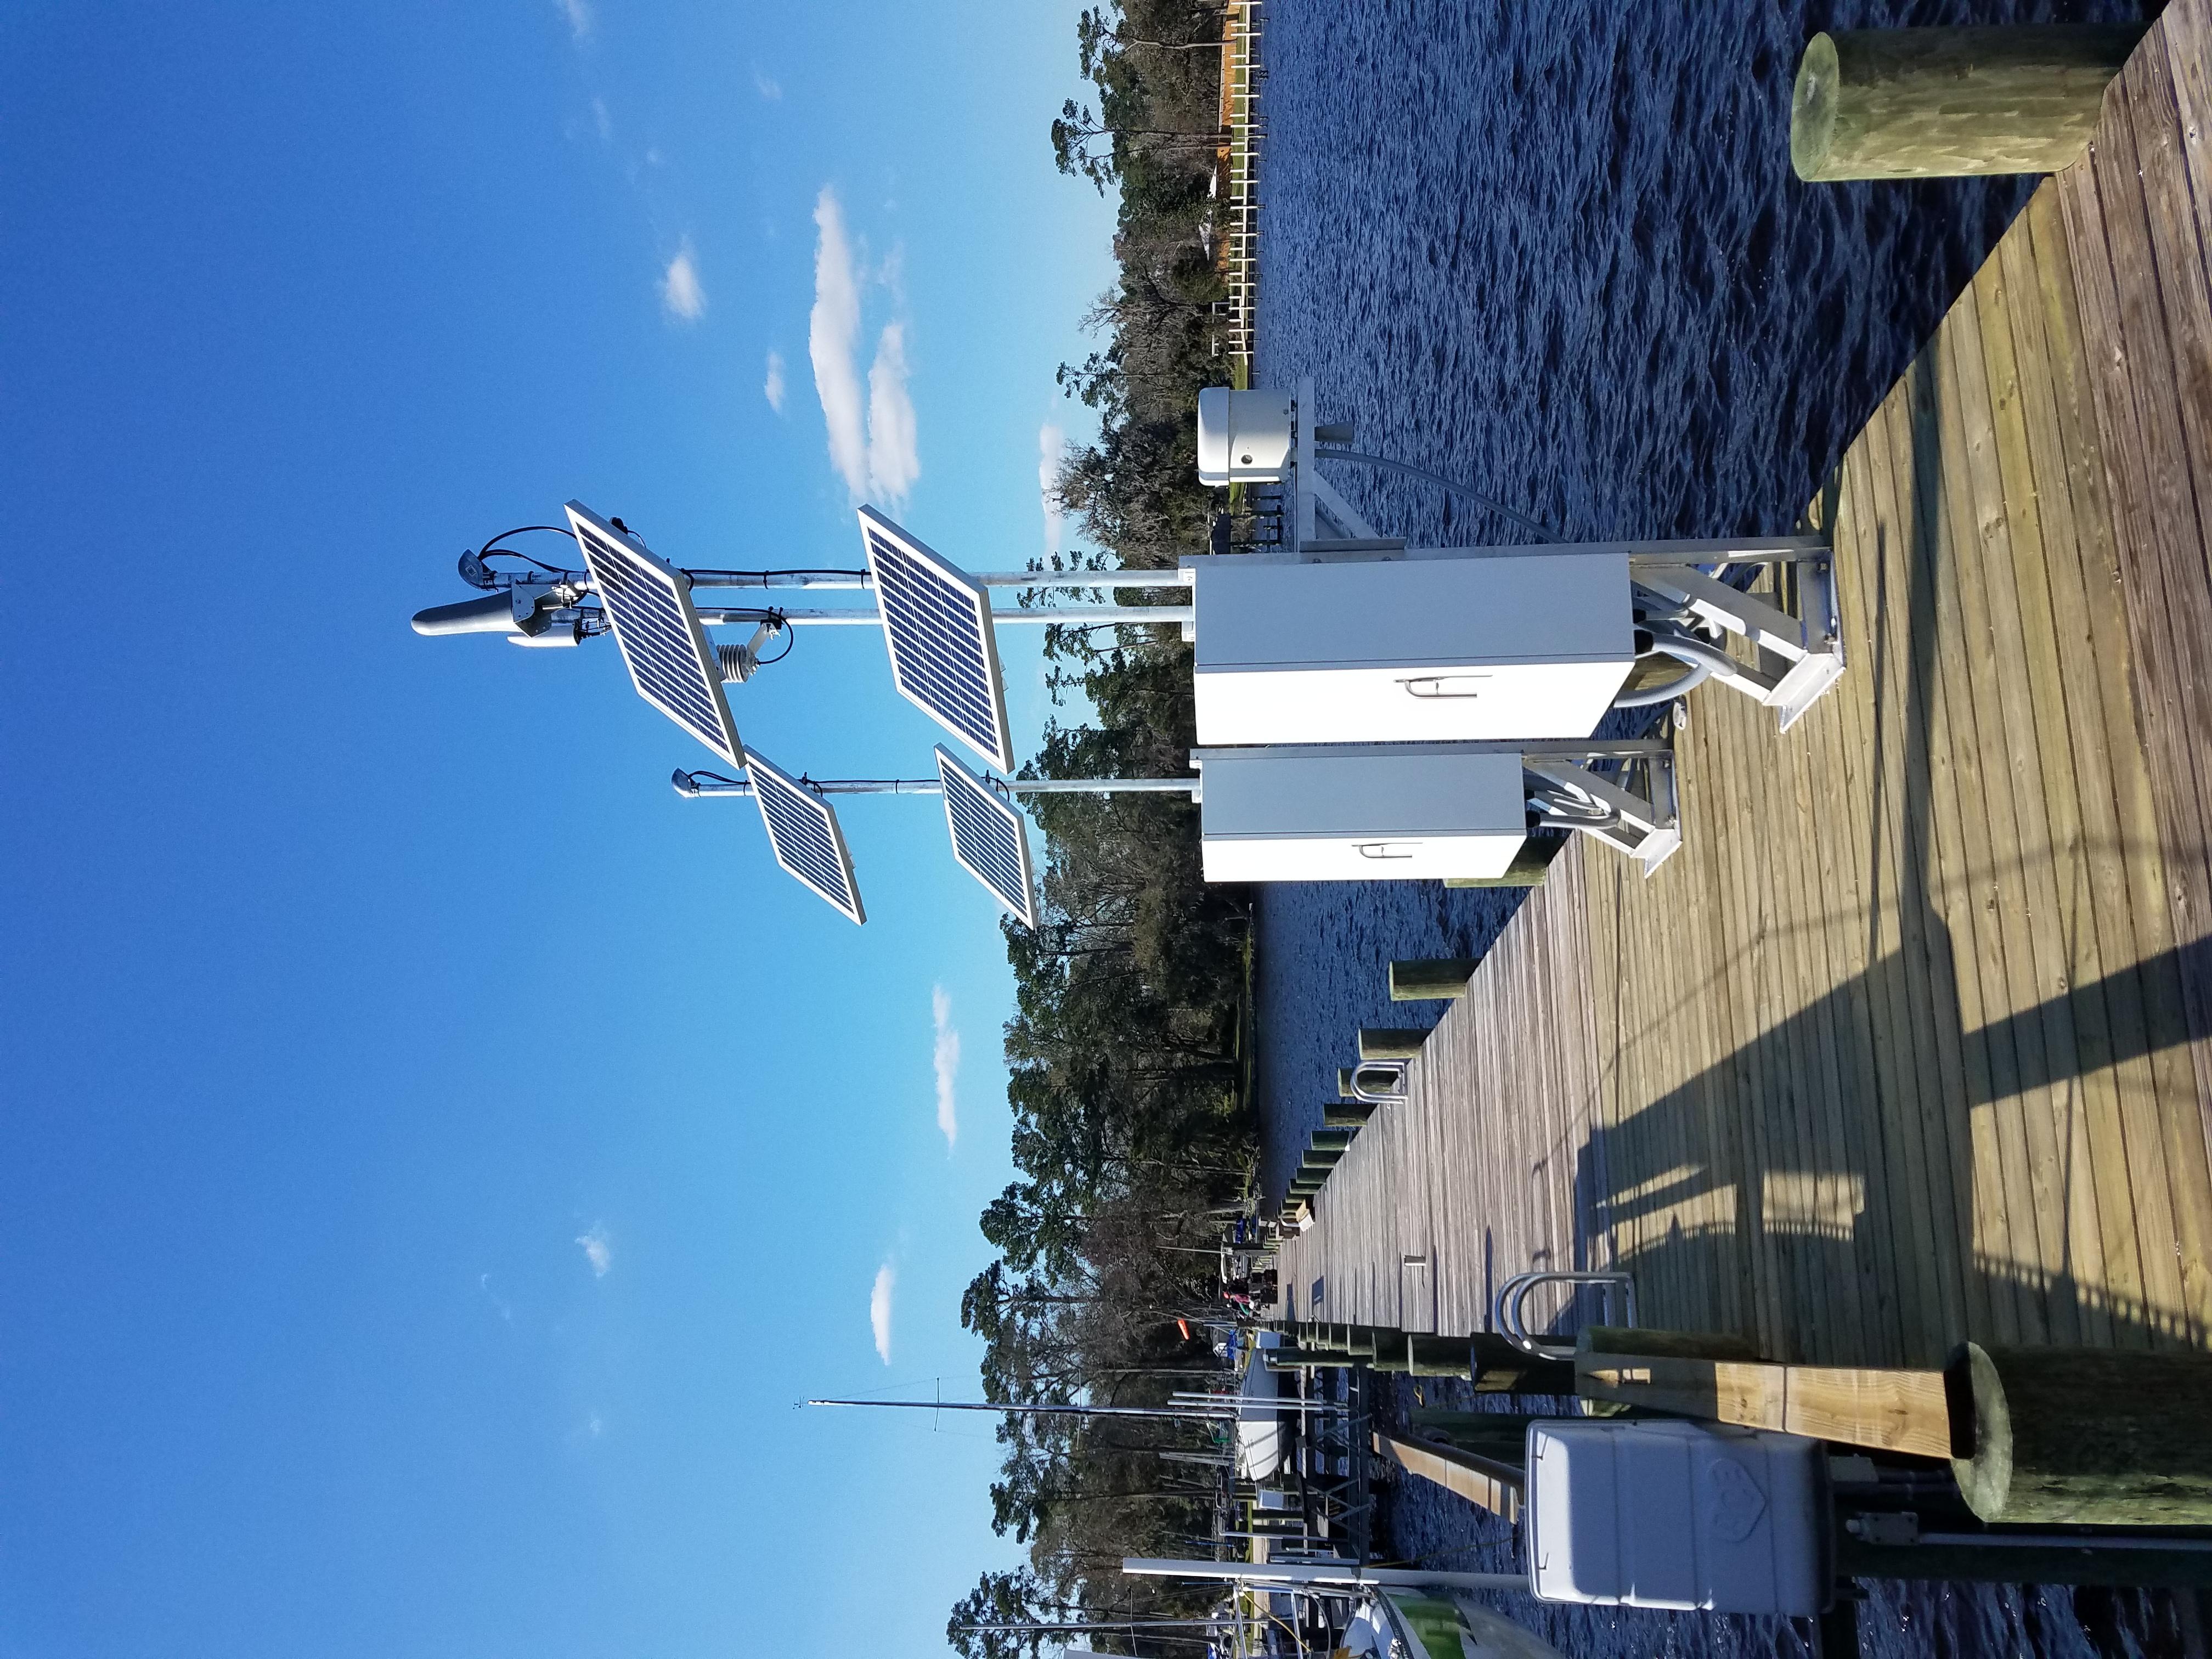 Photo of station #8720357, I-295 Bridge, St Johns River, FL